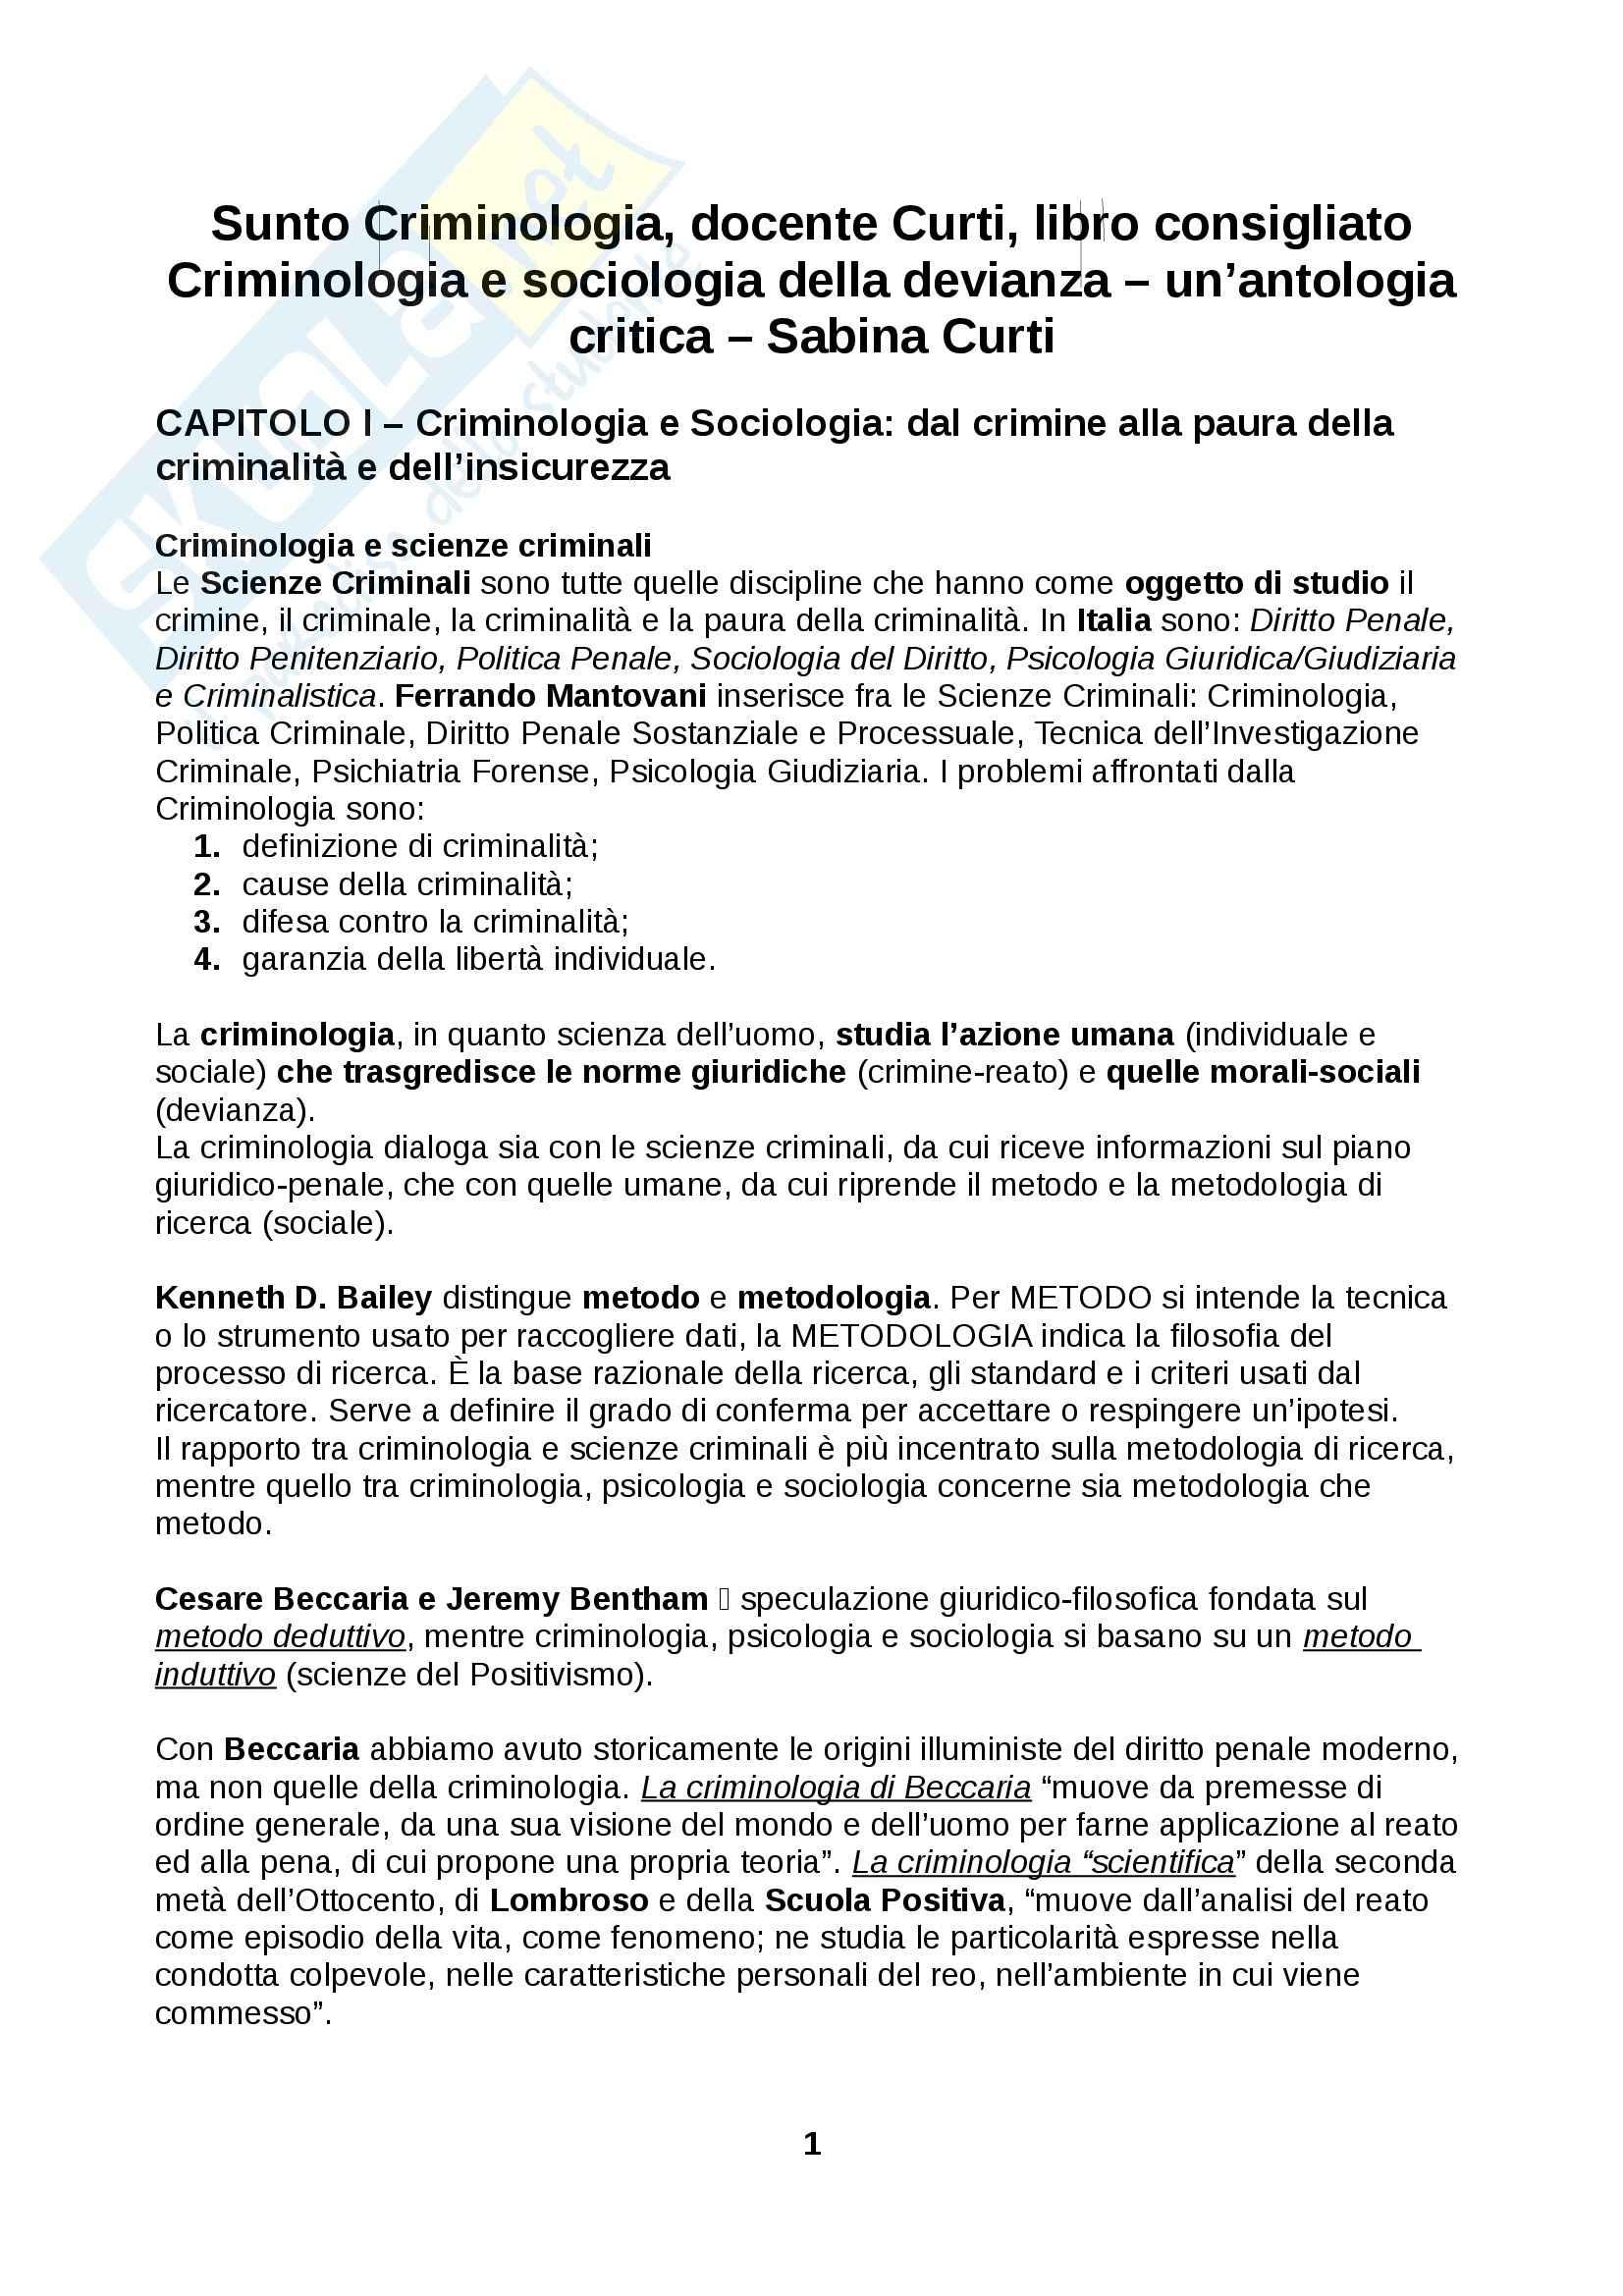 Riassunto esame Criminologia docente Curti, libro consigliato Criminologia e sociologia della devianza un'antologia critica Sabina Curti